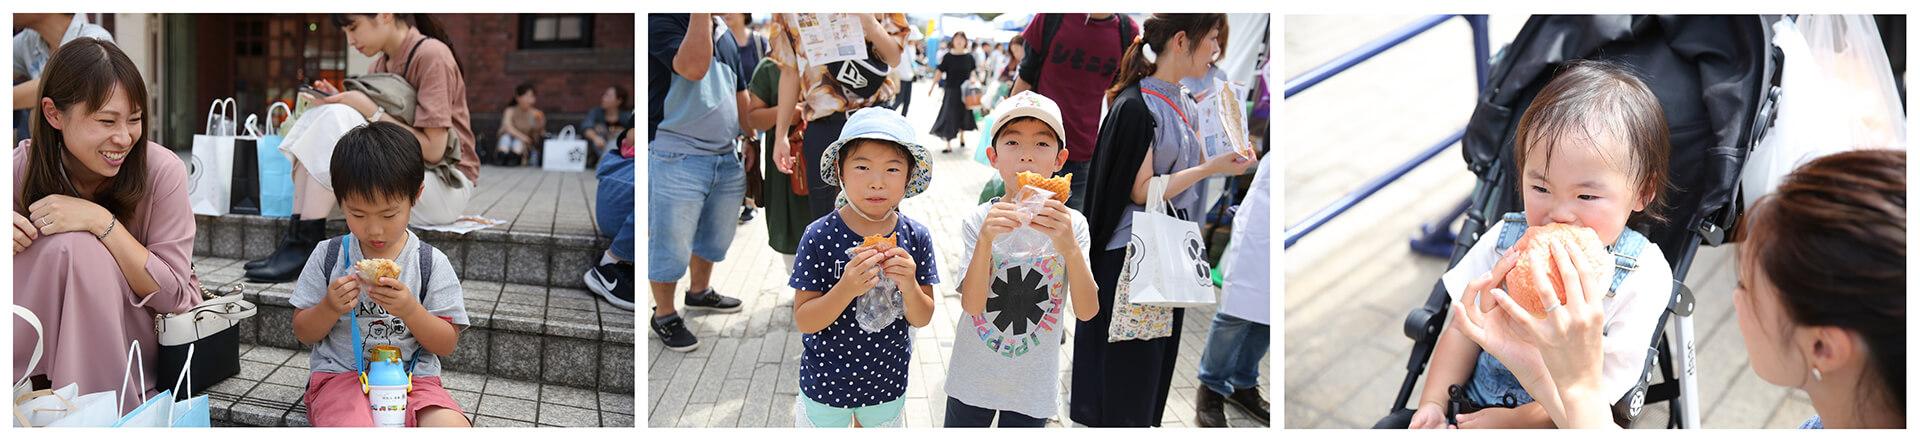 パンのフェス2020春 in 横浜赤レンガ会場風景